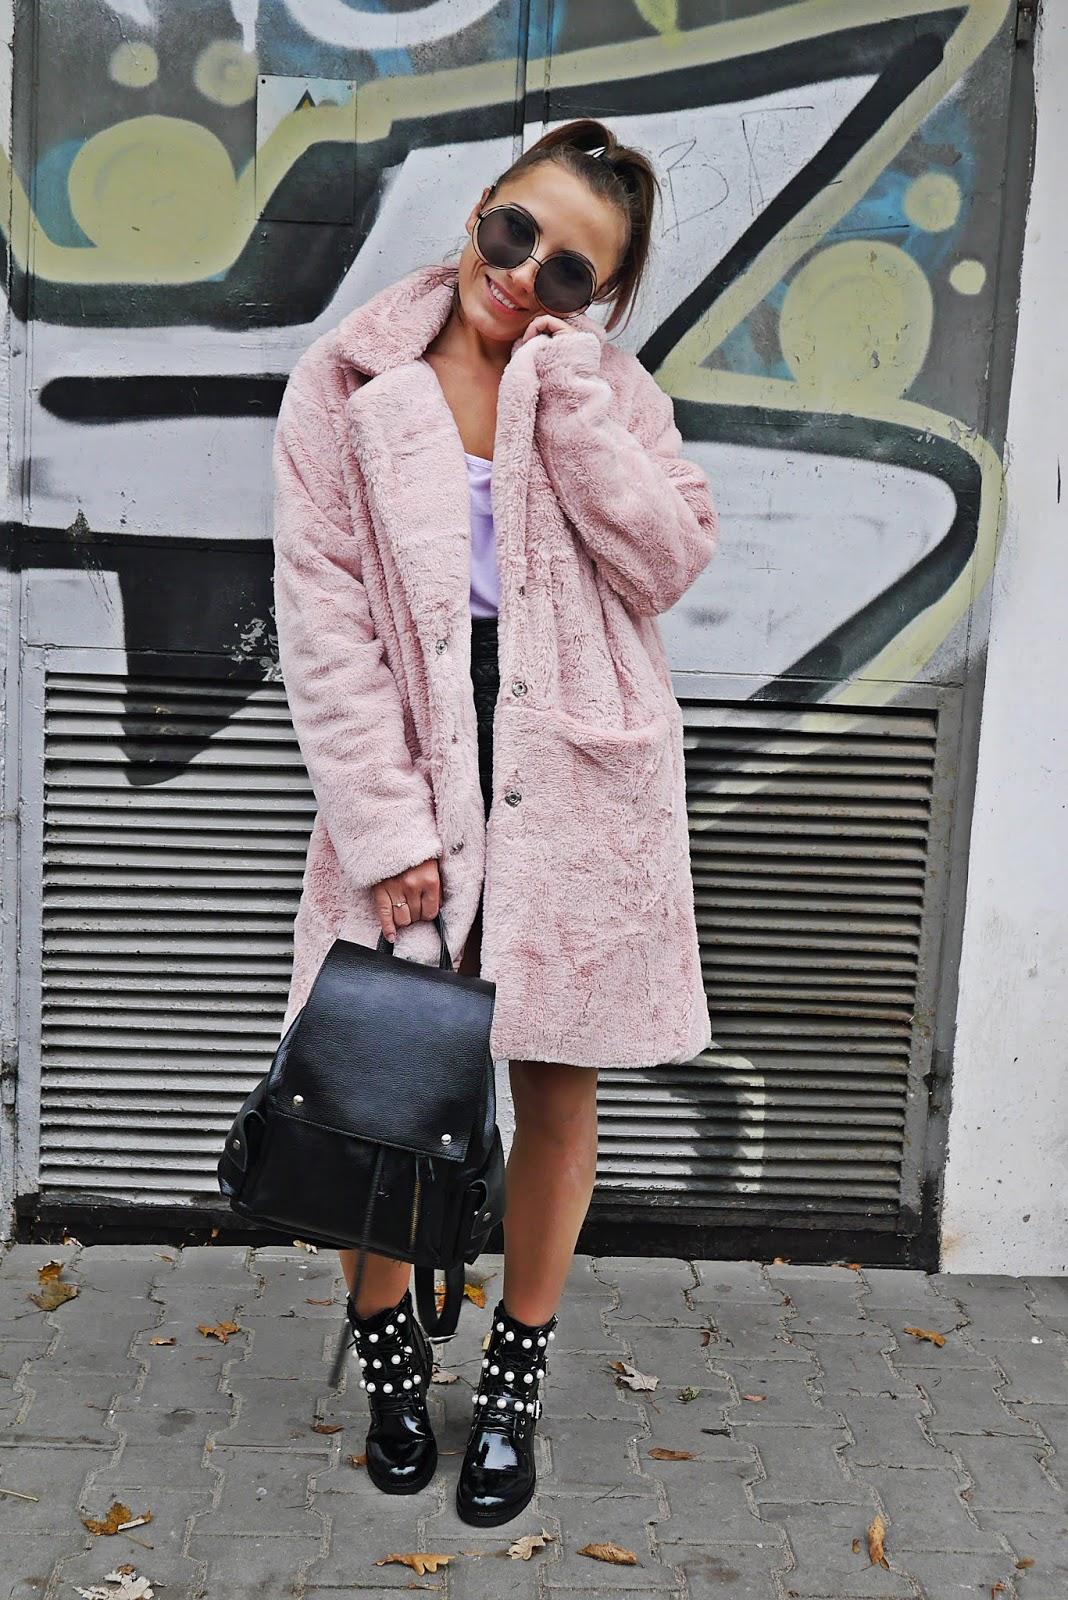 Botki czarne z perełkami plecak różowe futerko renee karyn blog modowy